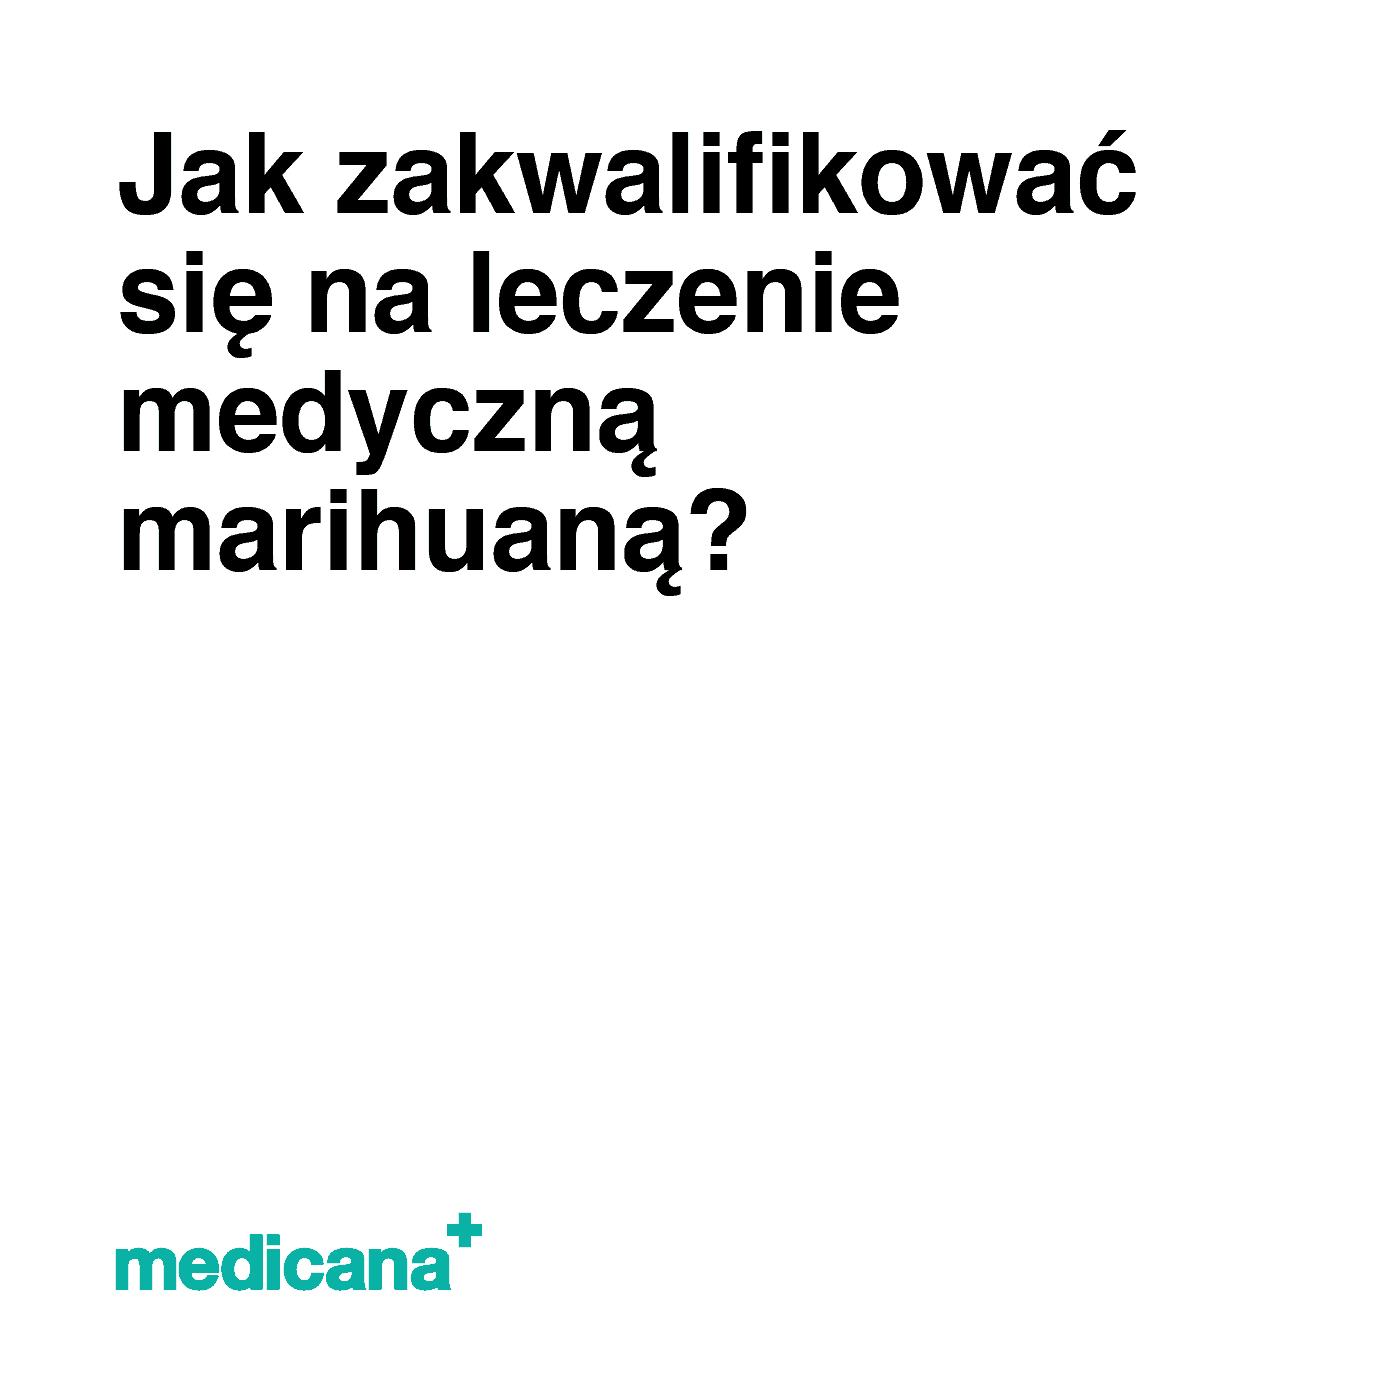 Grafika, białe tło z czarnym napisem Jak zakwalifikować się na leczenie medyczną marihuaną? oraz zielonym logo Medicana w lewym dolnym rogu.